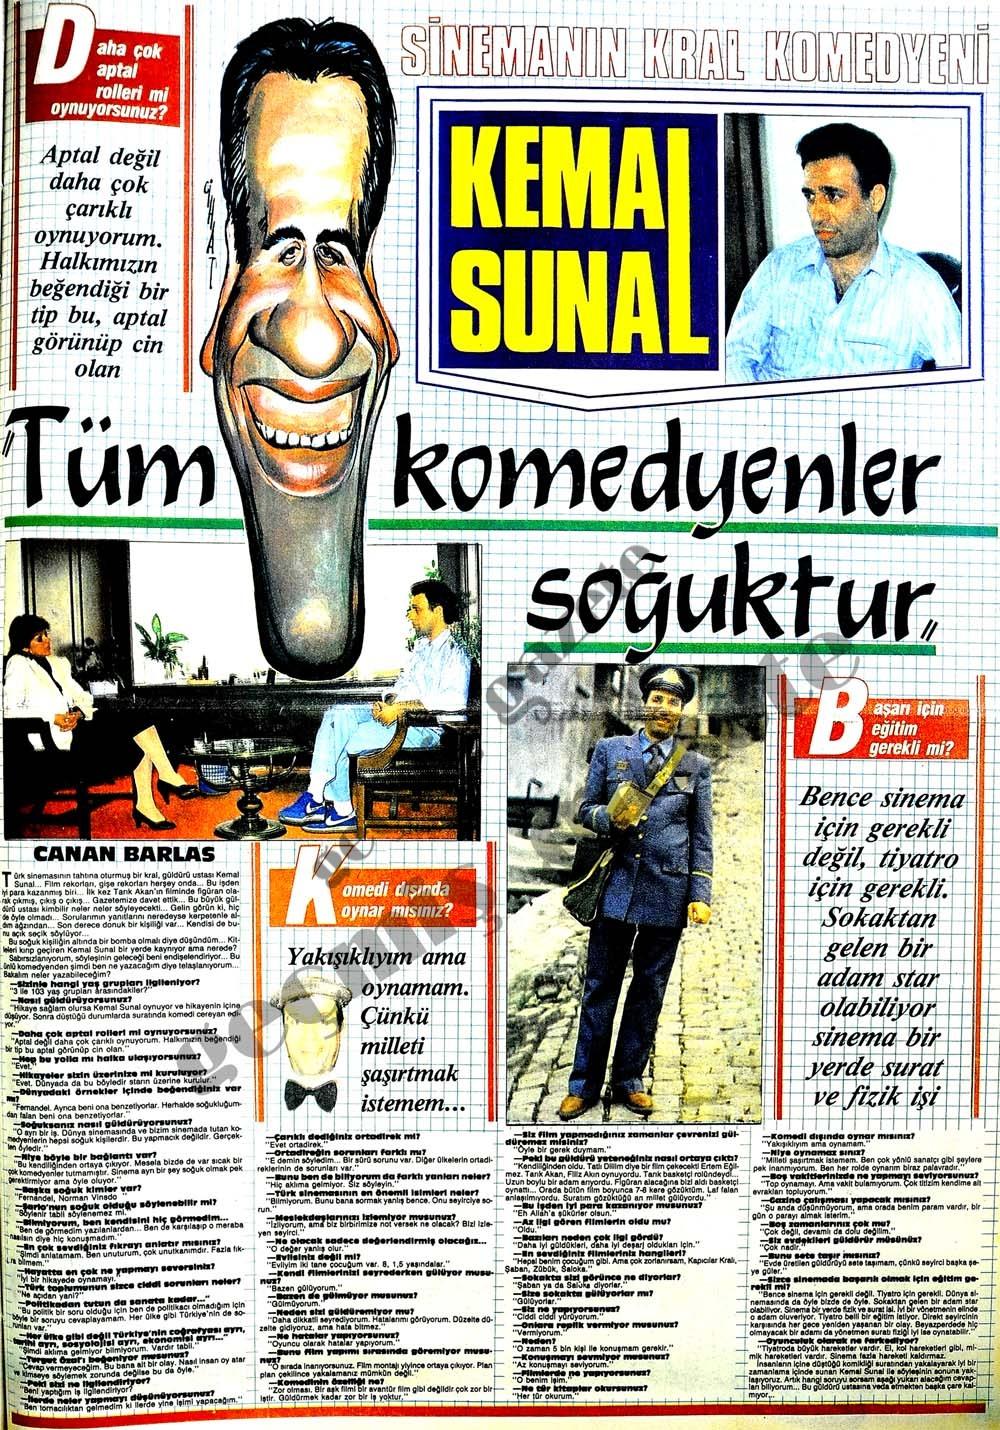 Türk komedyenler soğuktur